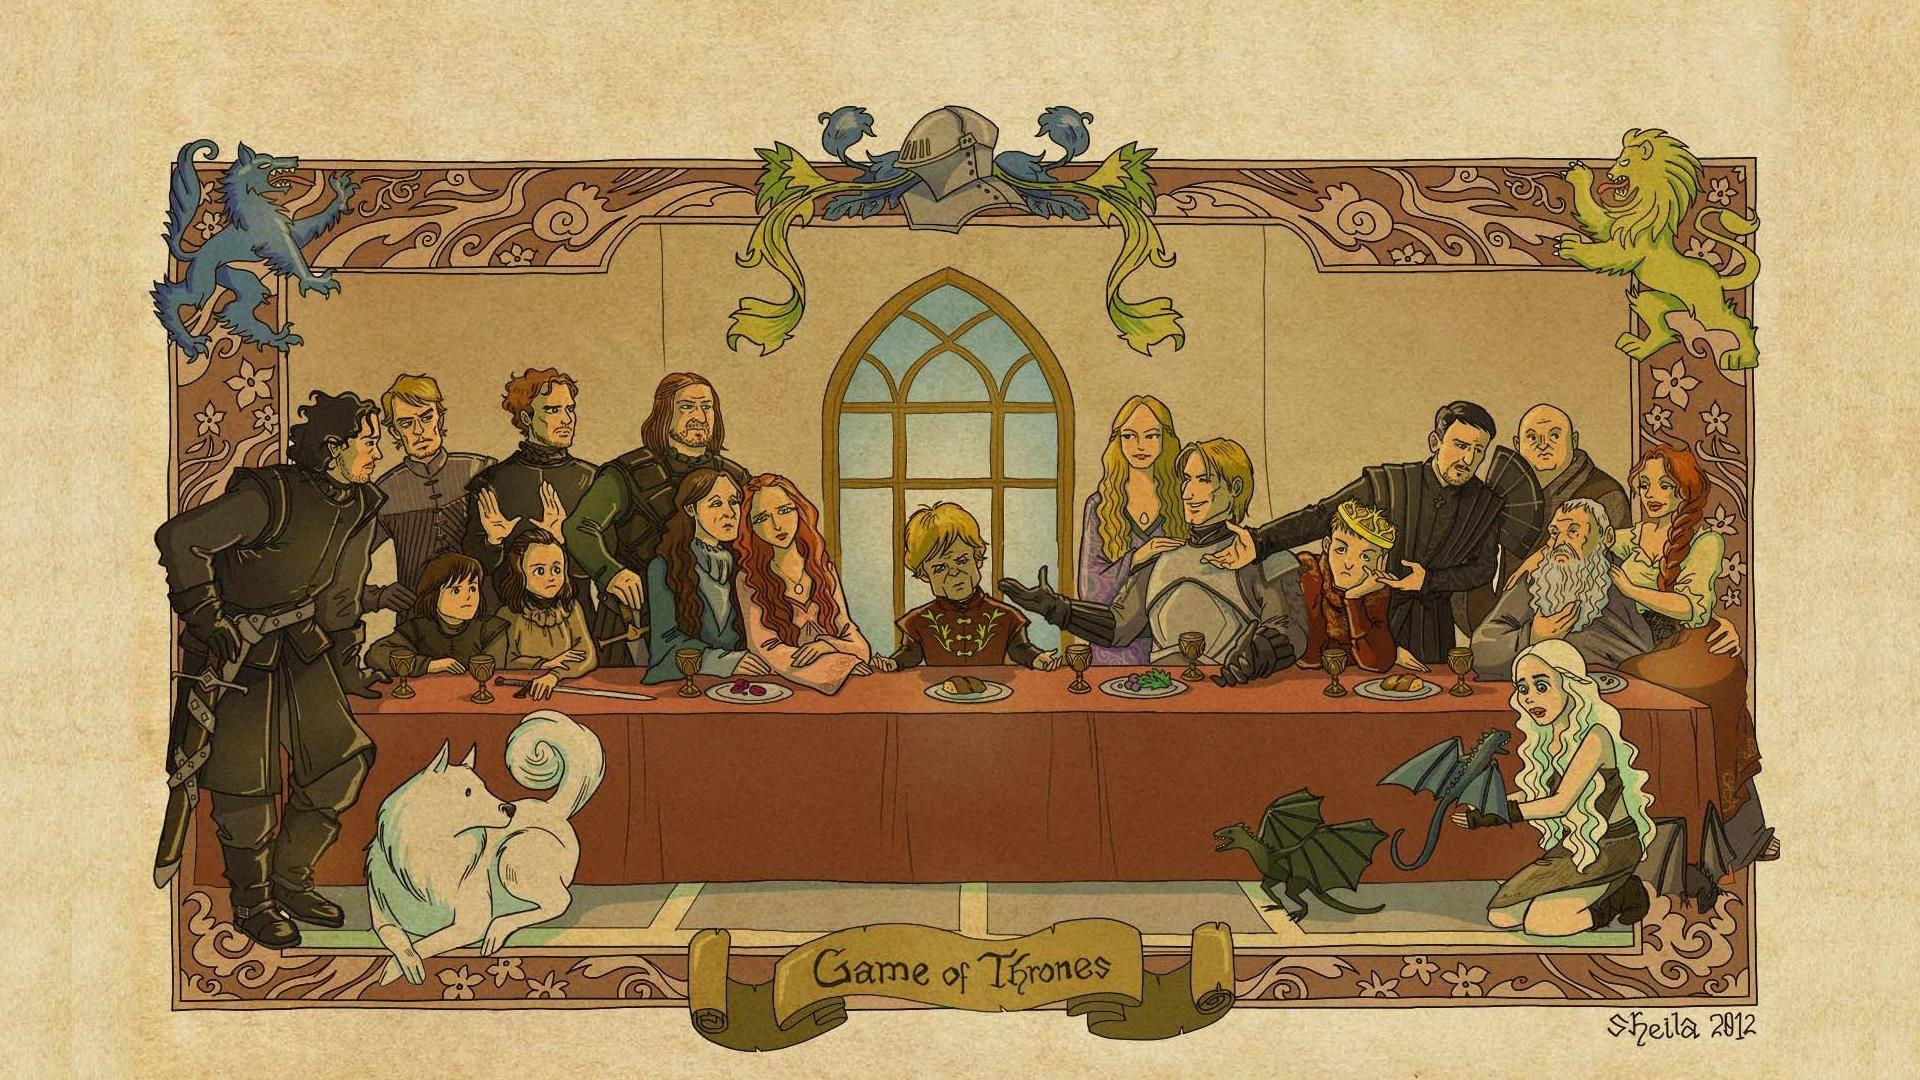 Игры престолов: Франшиза живущая собственной жизнью (+18) - Изображение 1